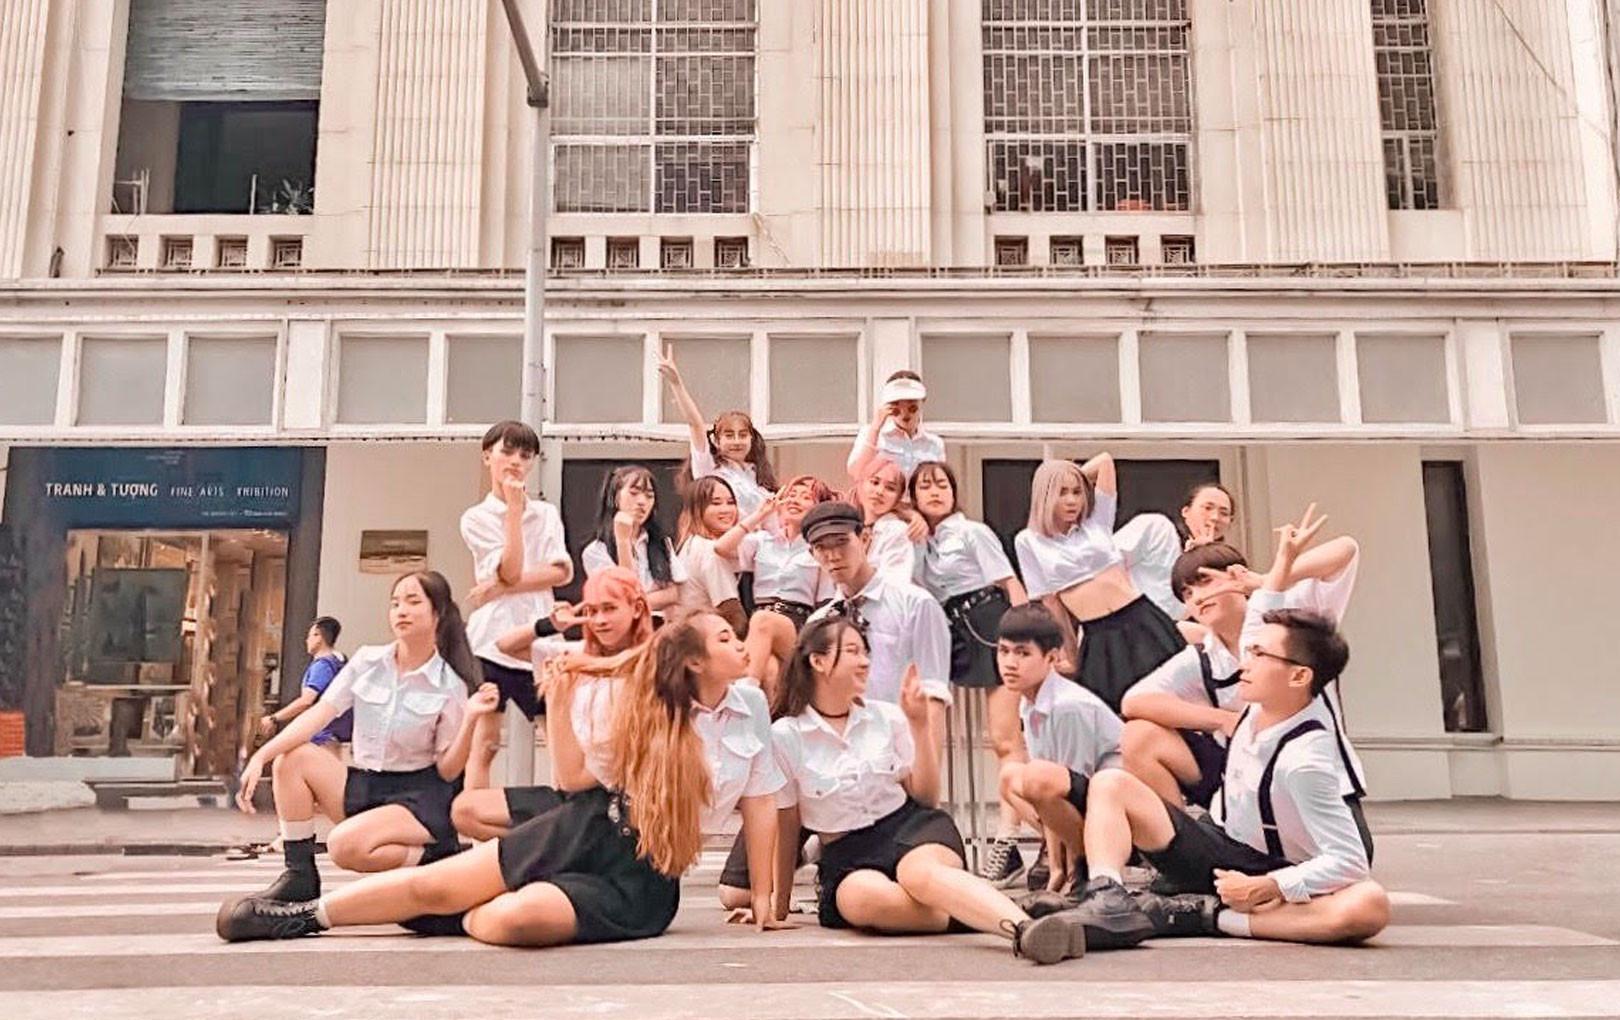 """Dance cover """"Hãy trao cho anh"""" quá chất, nhóm nhảy của ĐH Thương mại được Sky nhận xét xuất sắc không kém Sơn Tùng"""